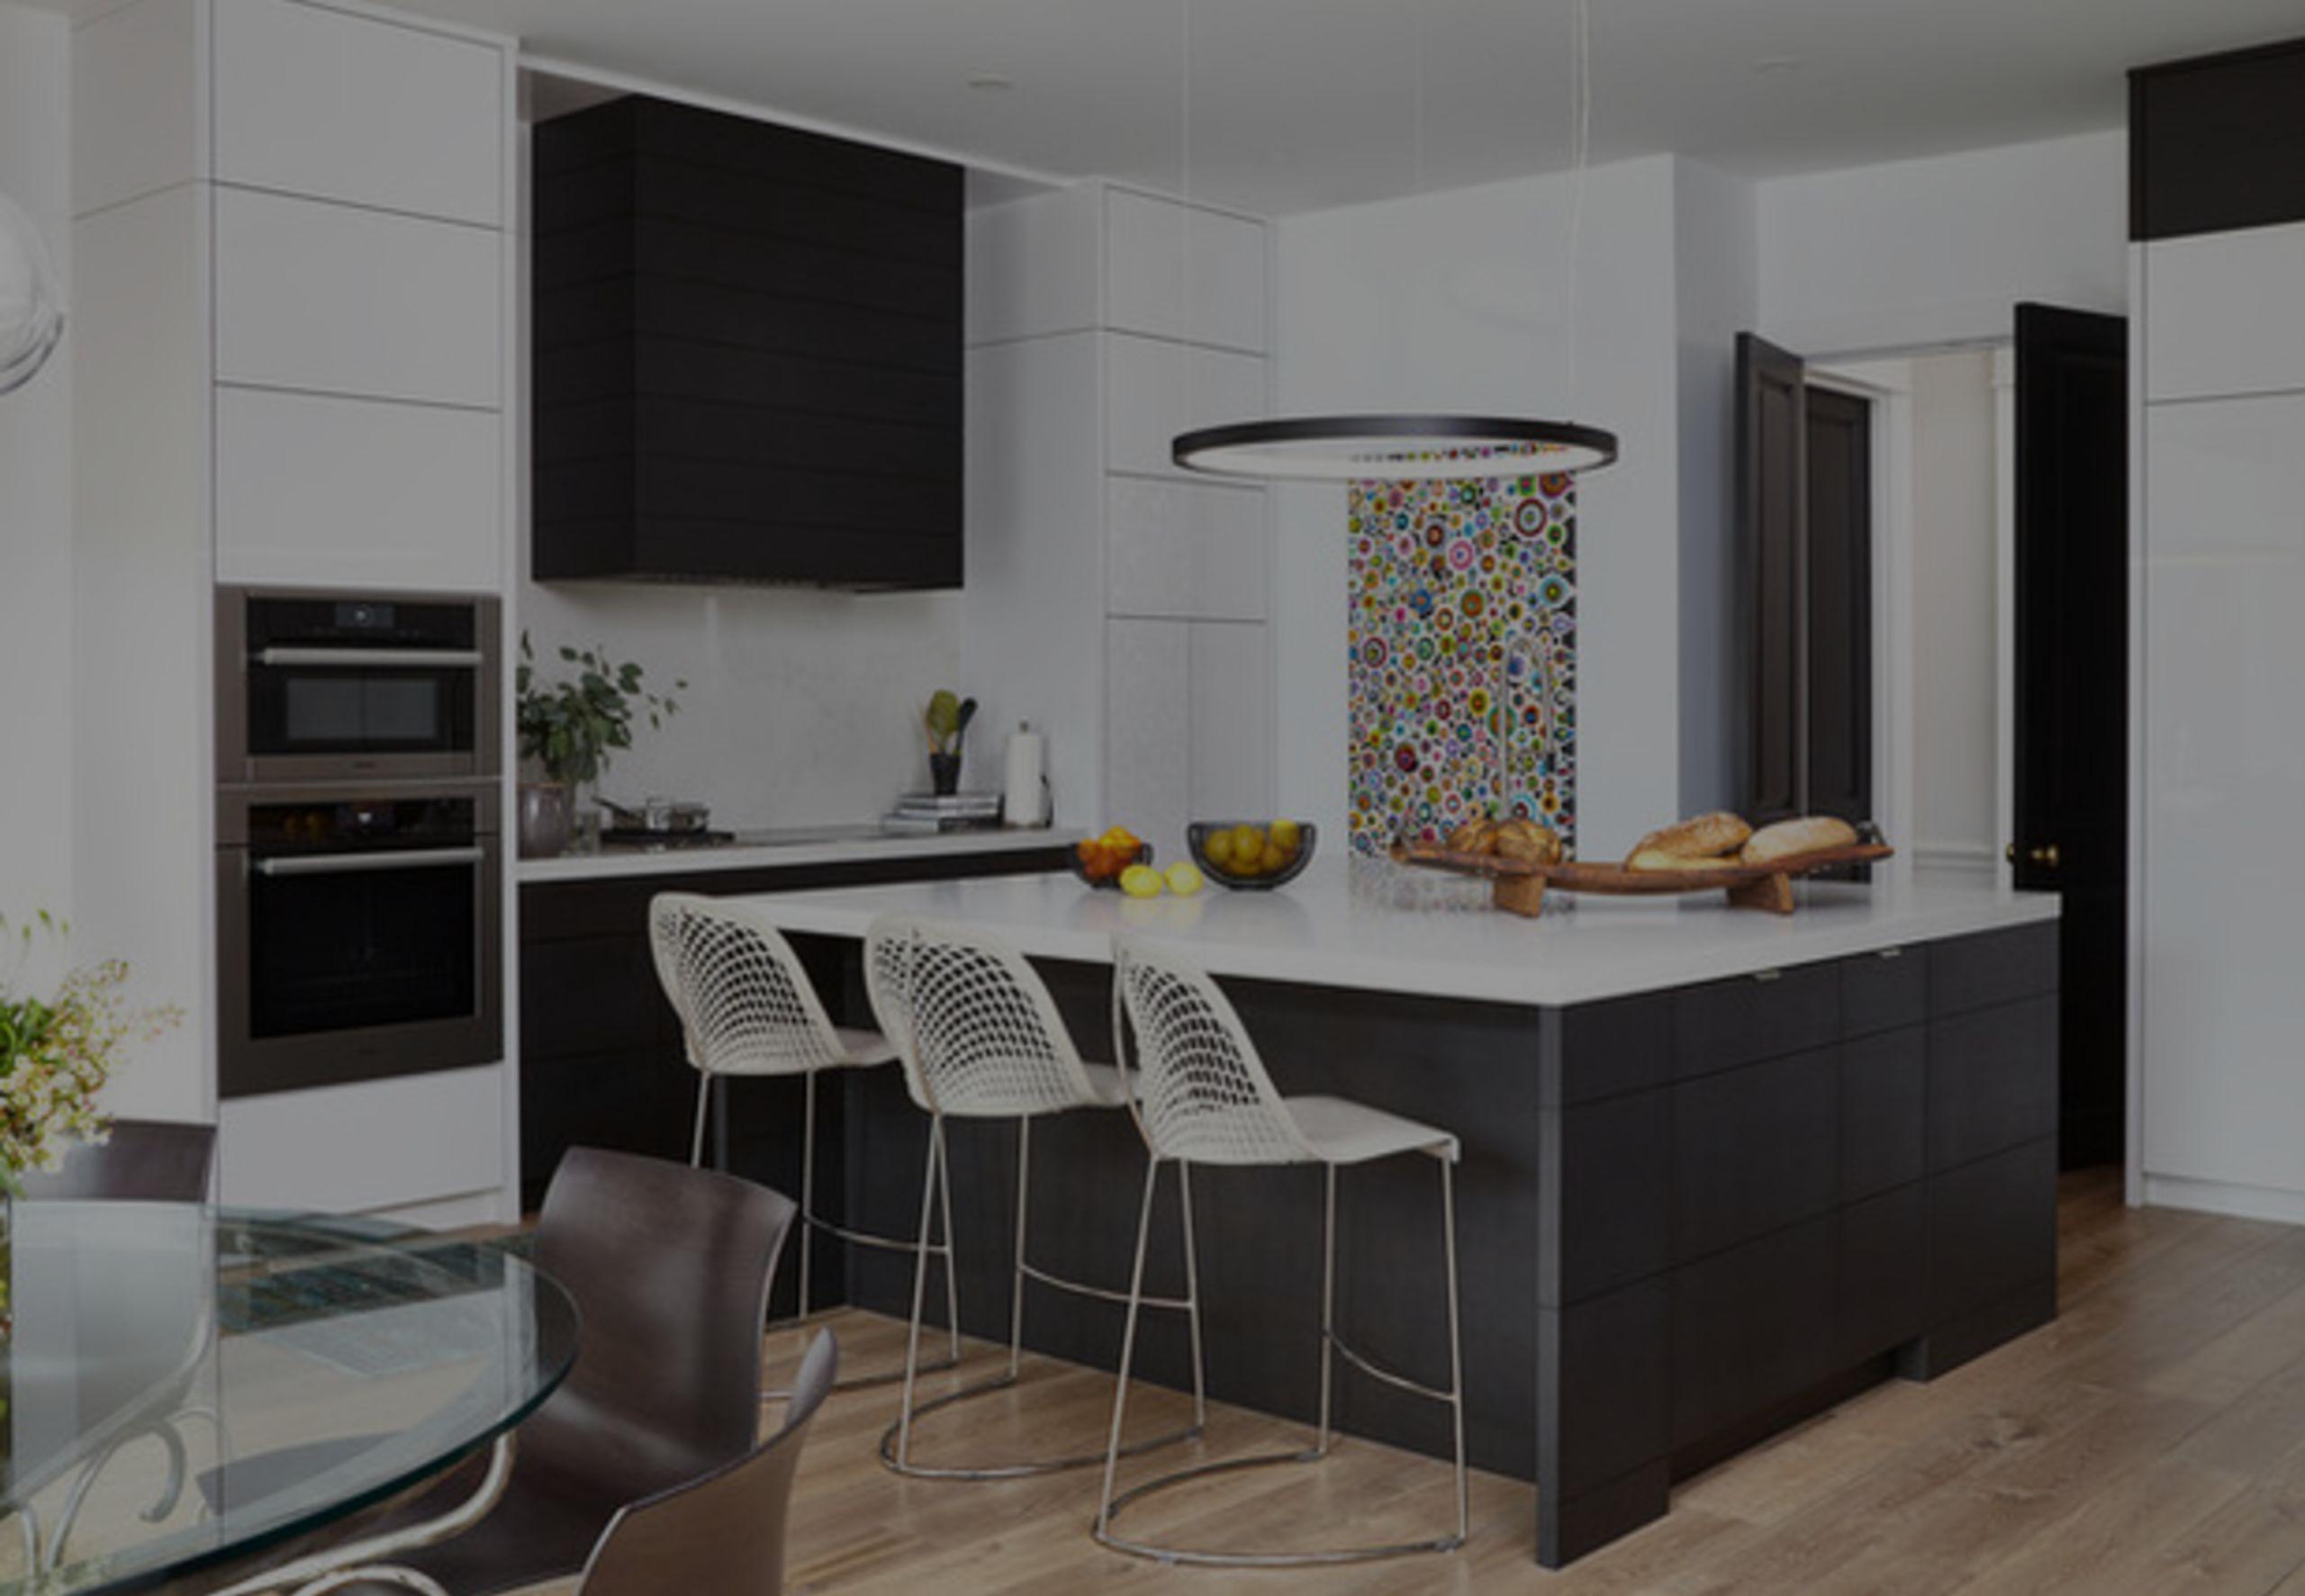 3 Stunning Black-and-White Kitchens